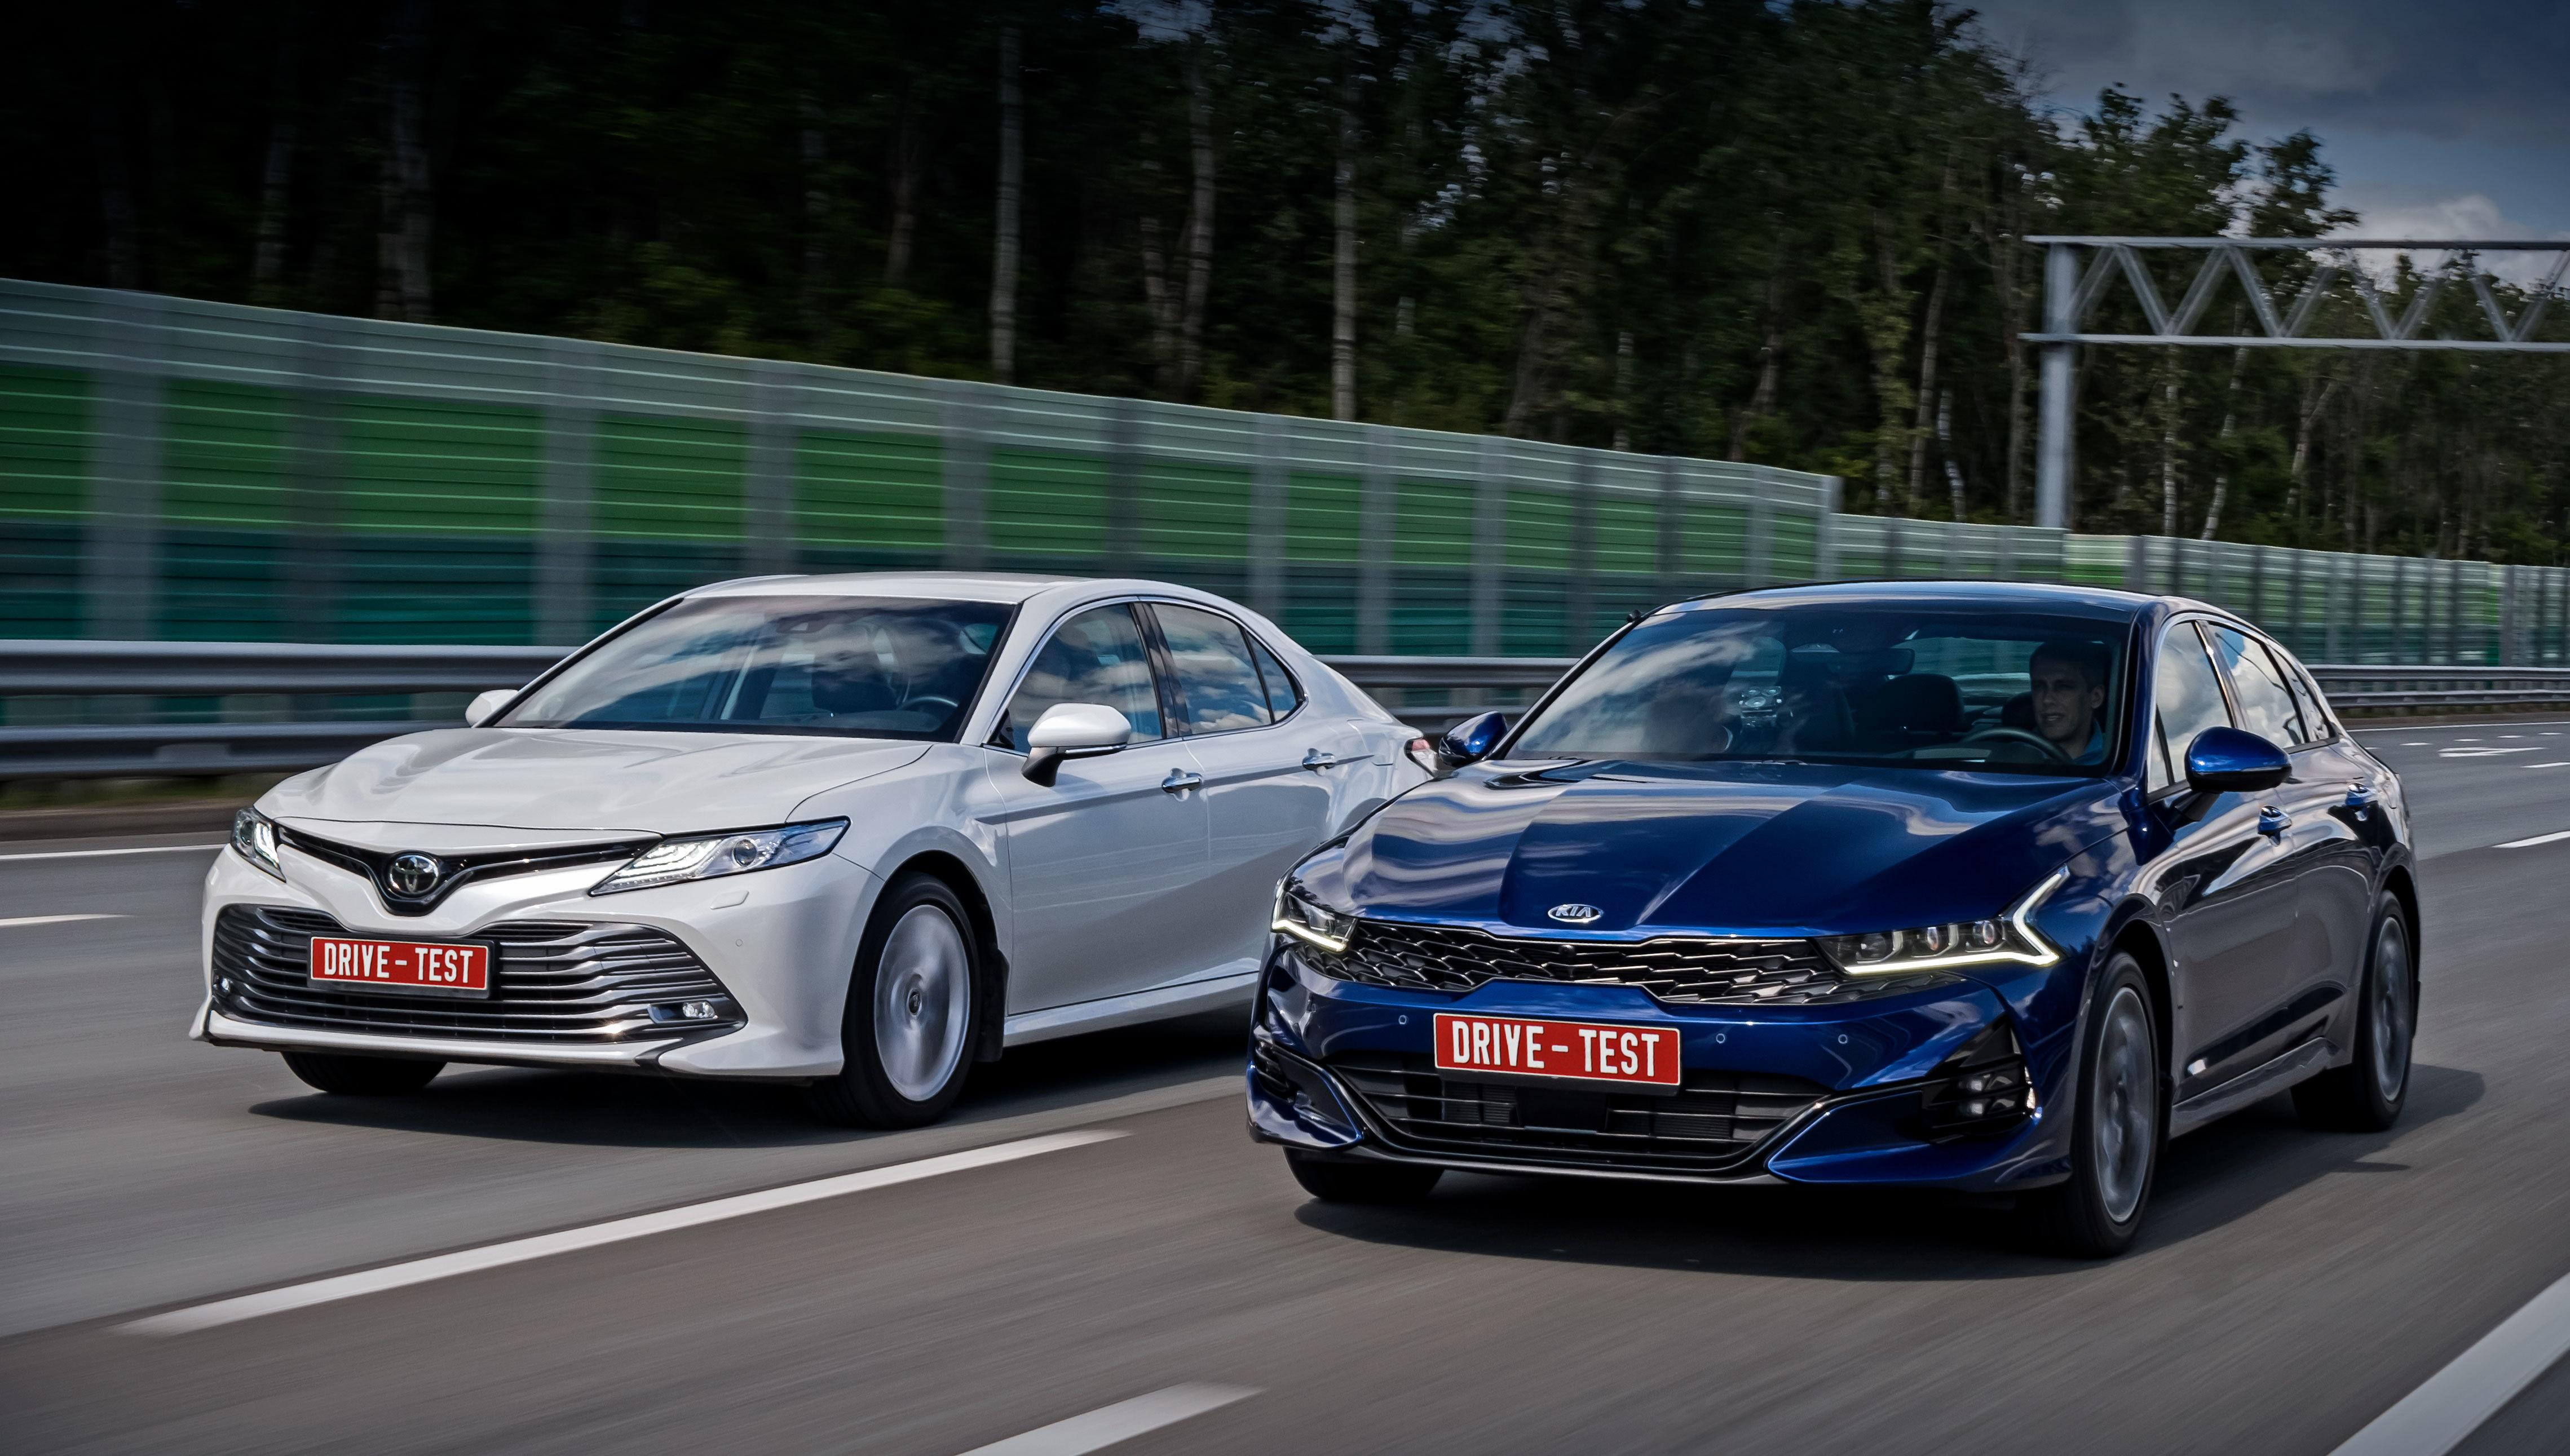 Kia k5,Toyota camry. Базовая 150-сильная версия K5 2.0 с кондиционером и пластиковым рулём оценена в 1 489 900 рублей. Начальное для мотора 2.5 исполнение Luxe стоит 1,84 млн. Двухлитровая Camry (150 л.с.) только стартует с 1,7 млн.